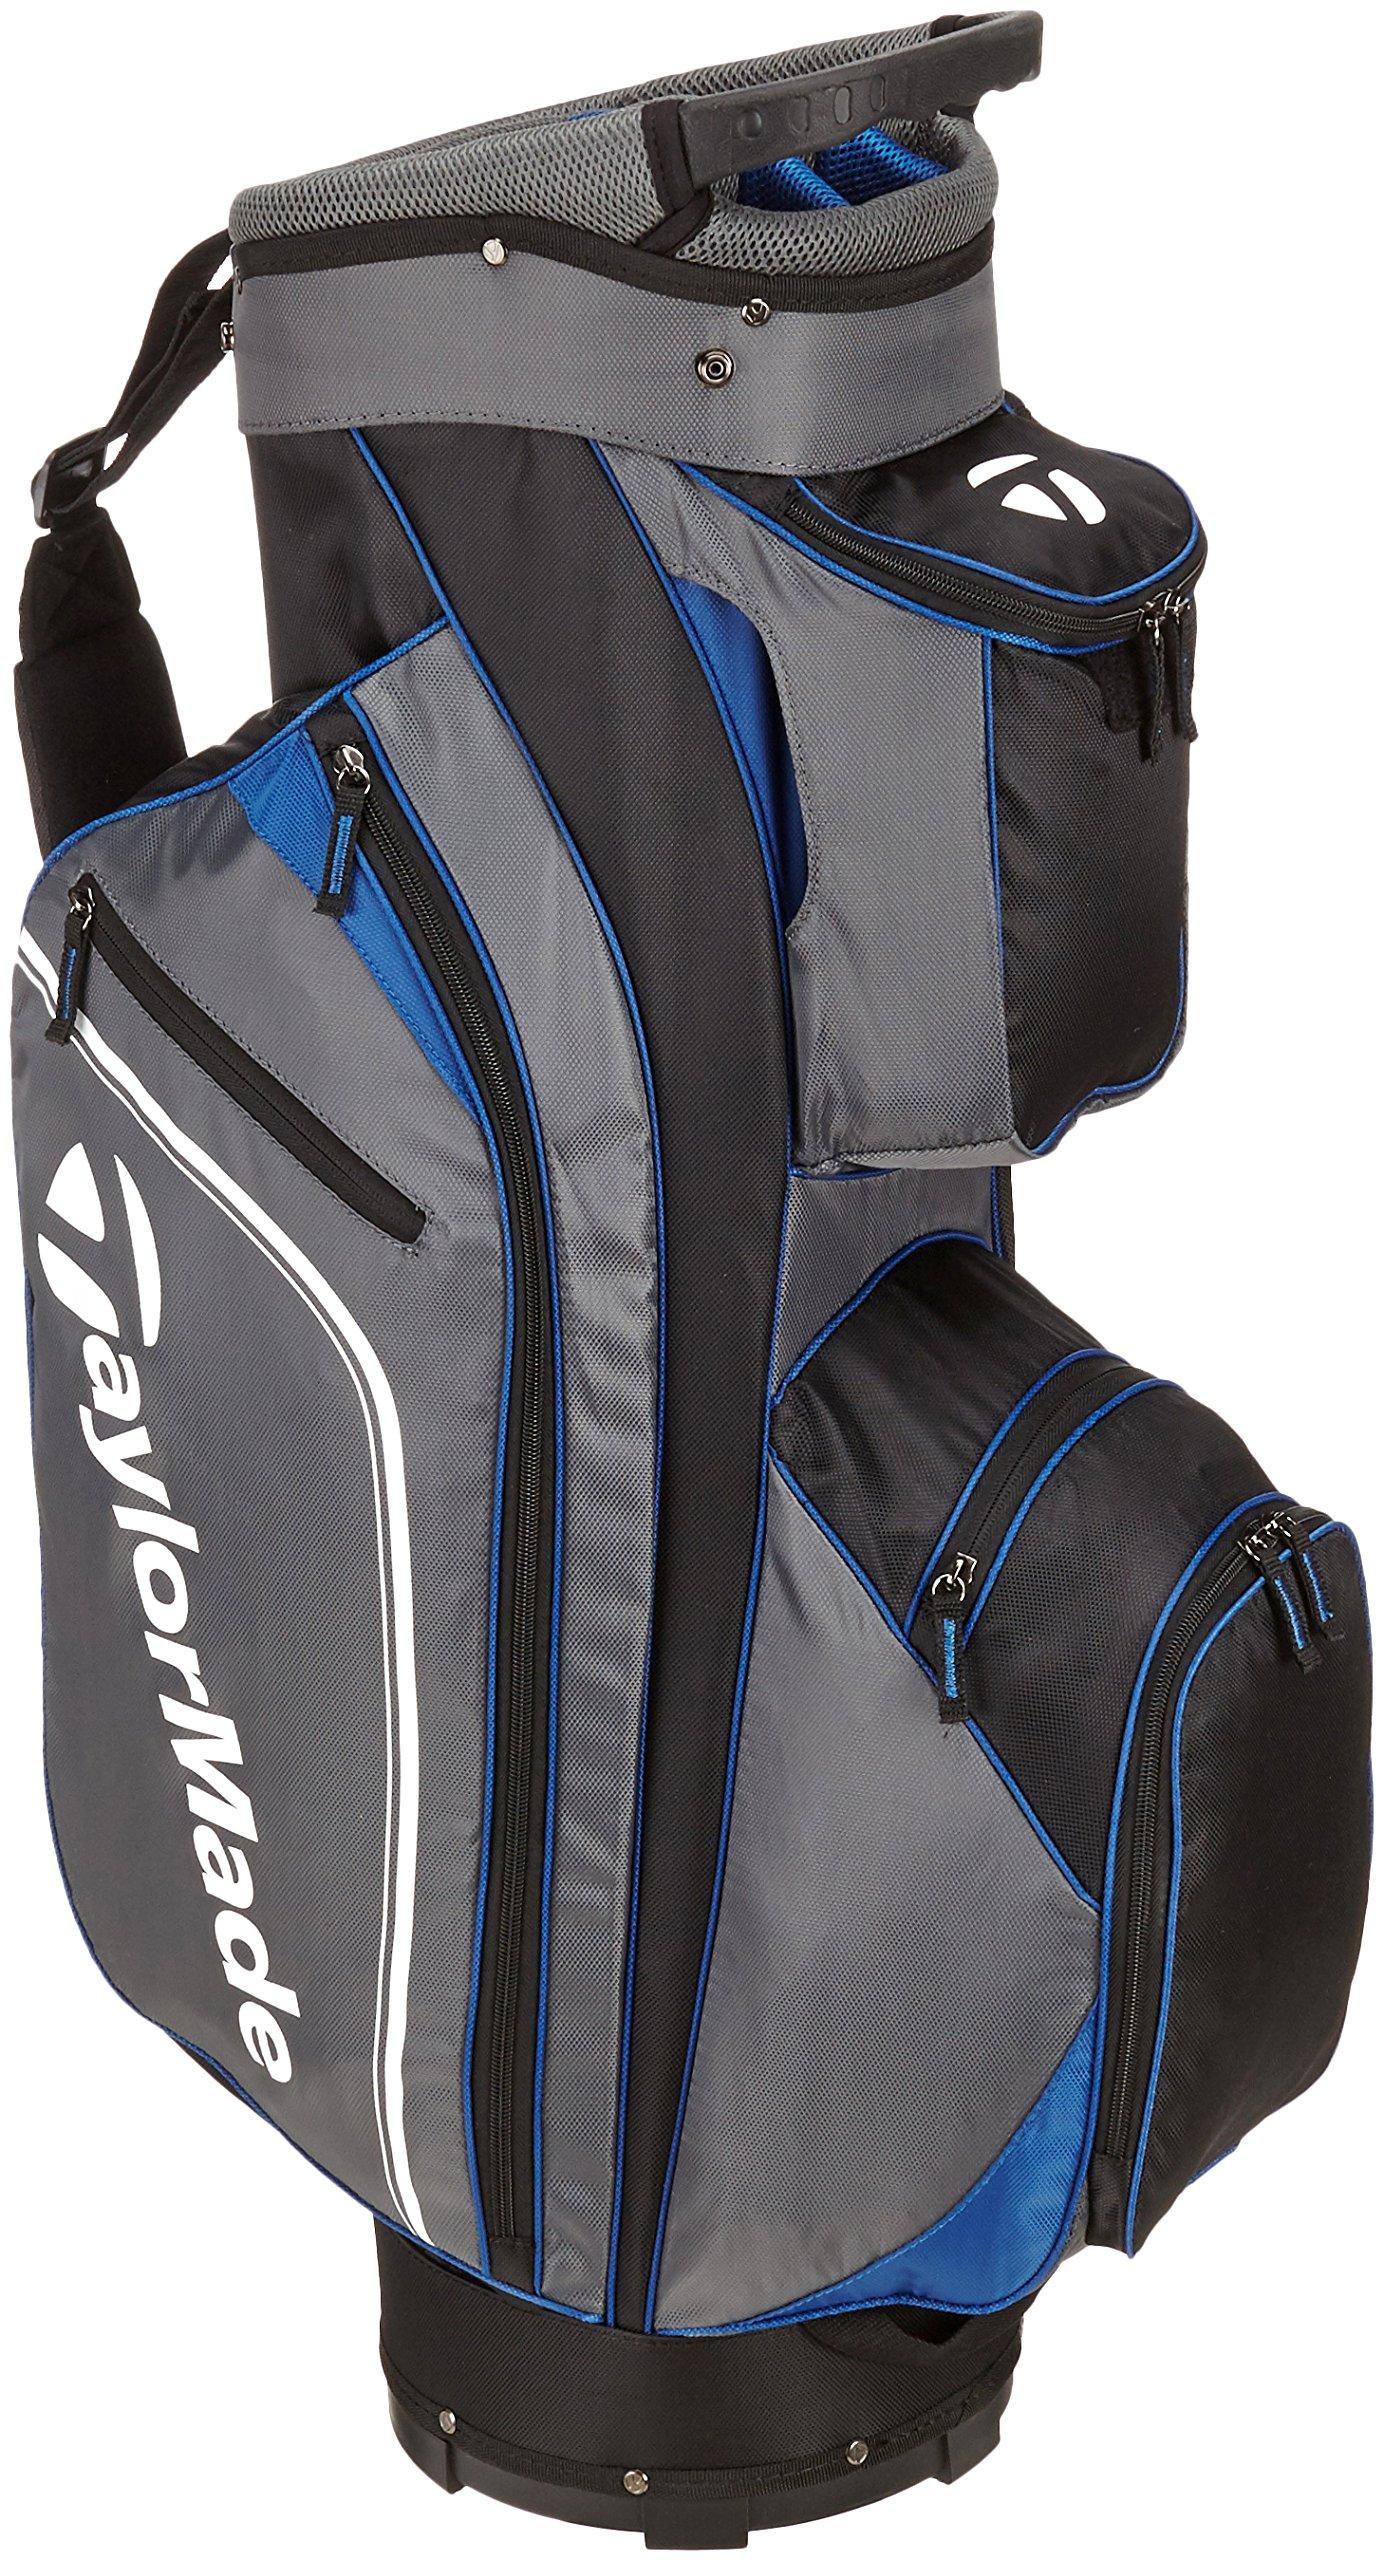 TaylorMade Pro Cart 4.0 Cart Bag 2016 Black/Grey/Blue